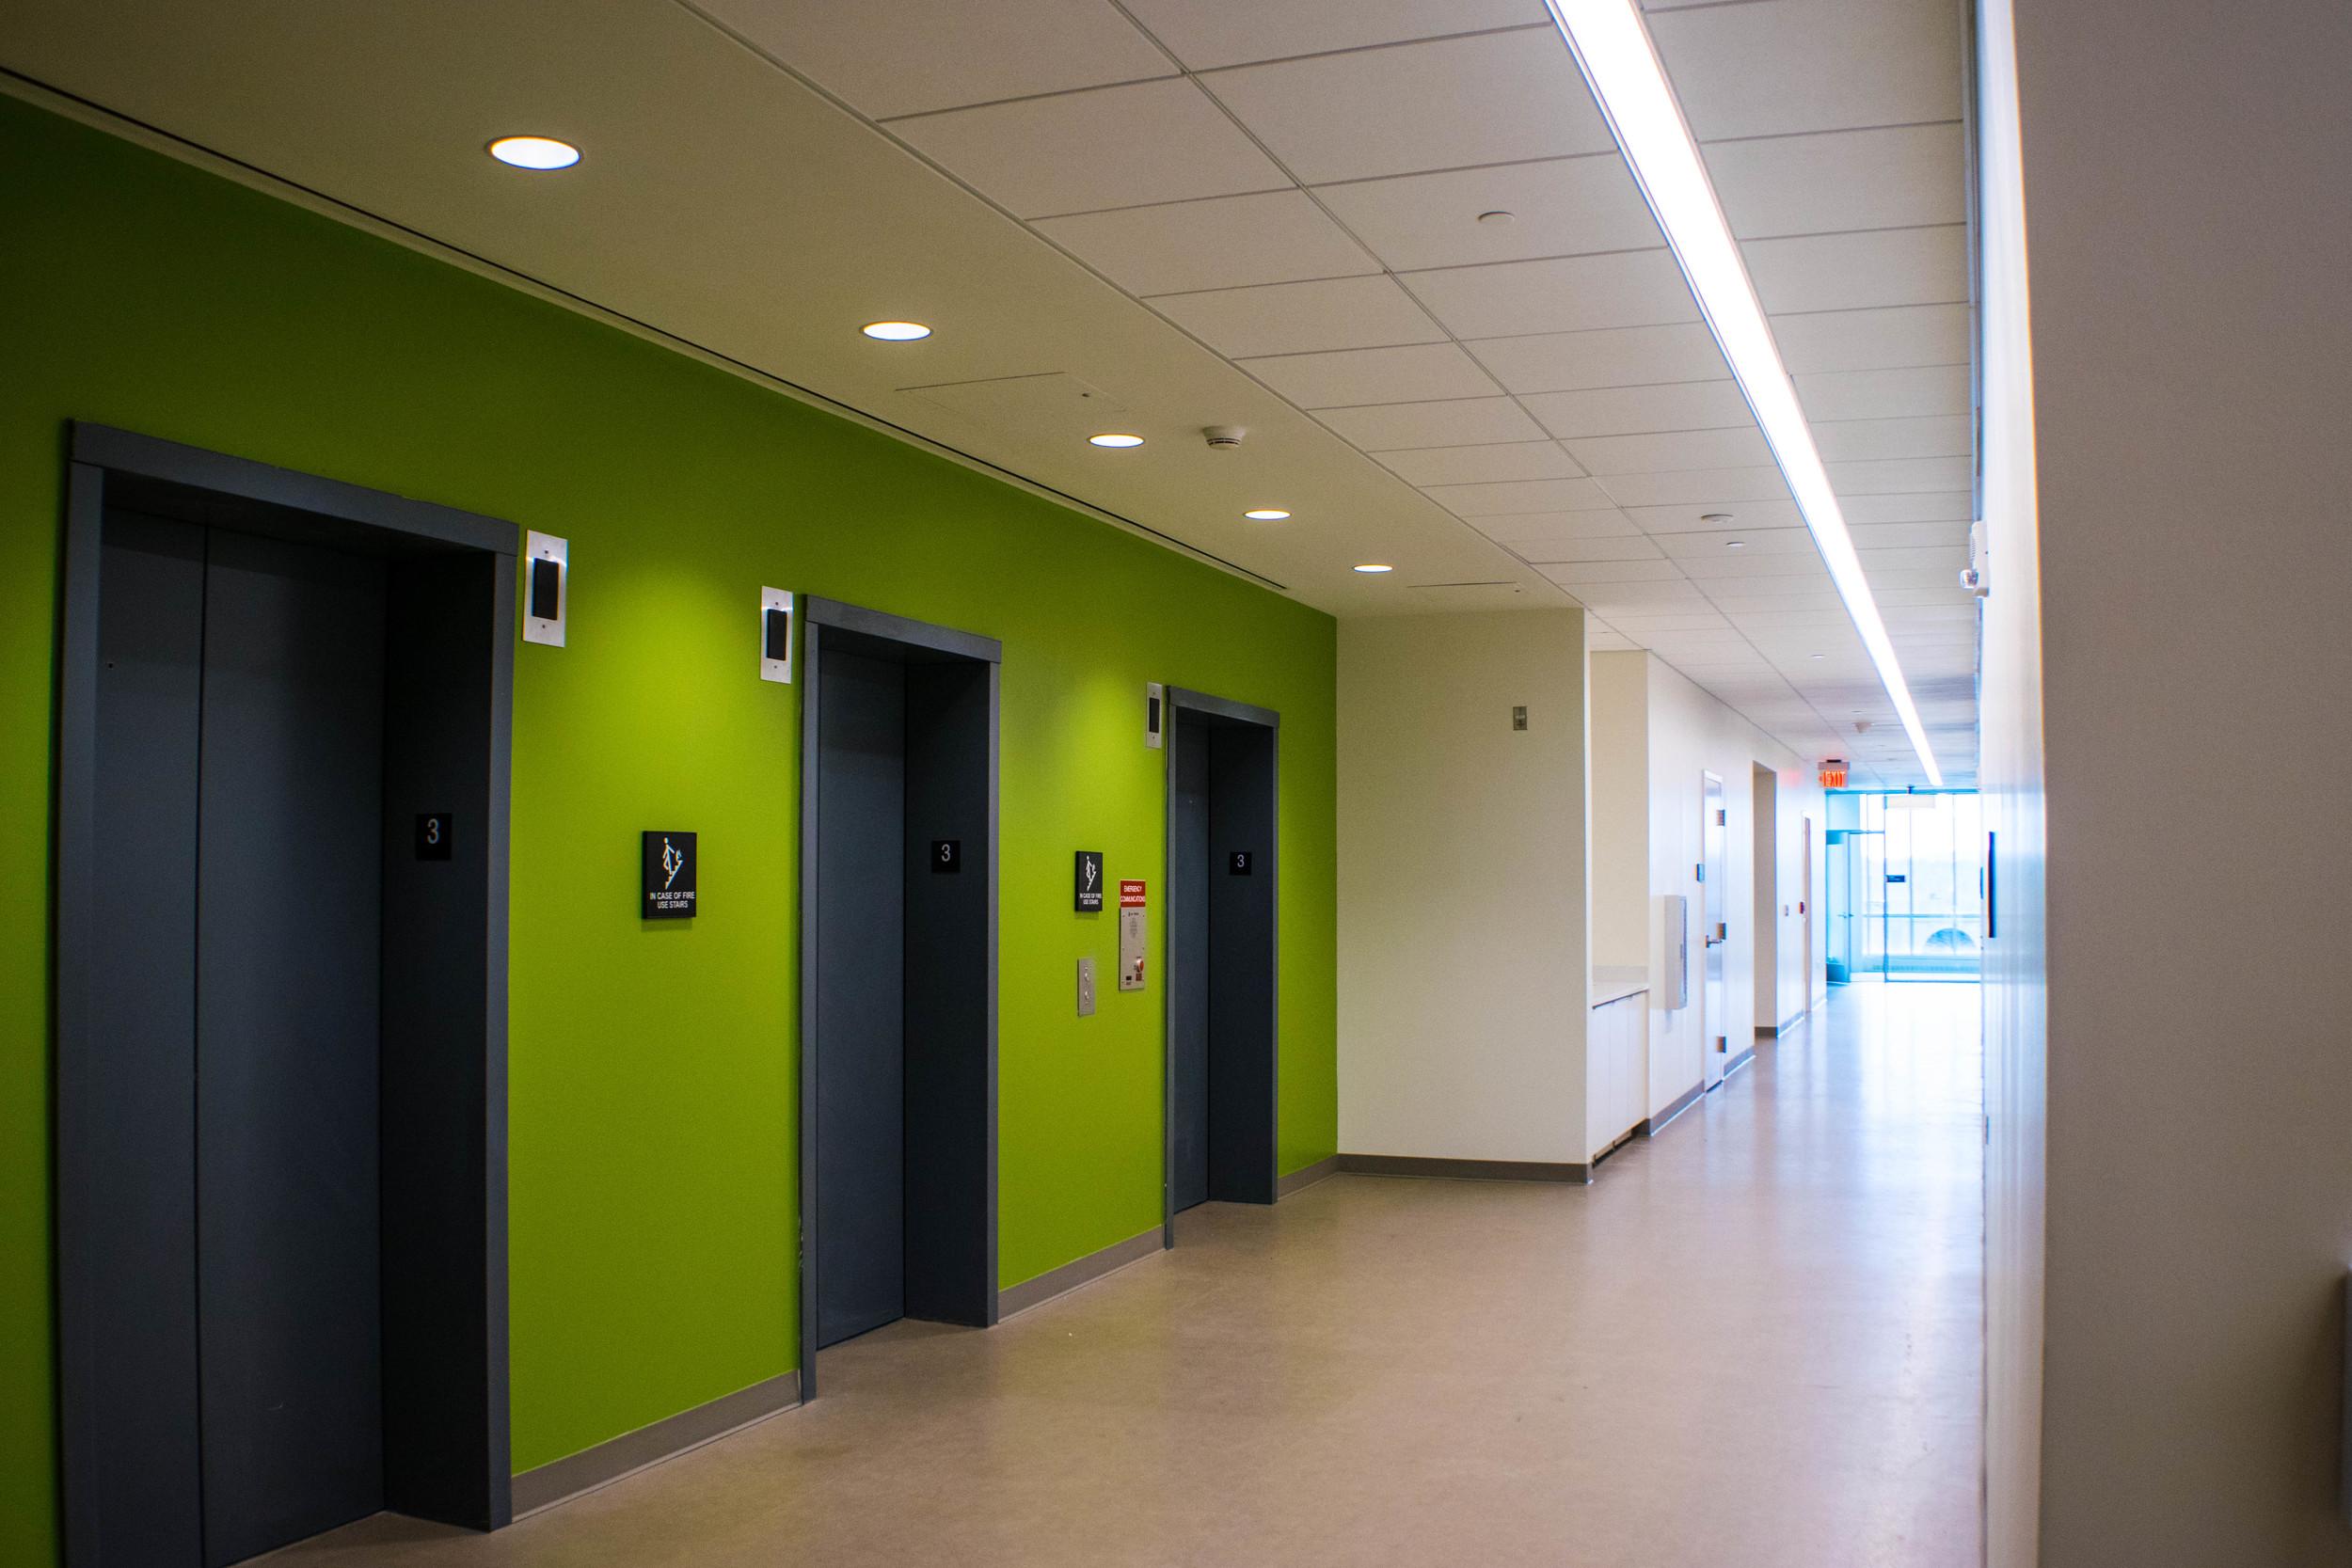 JMU East Tower (3rd Floor Elevator Corridor)